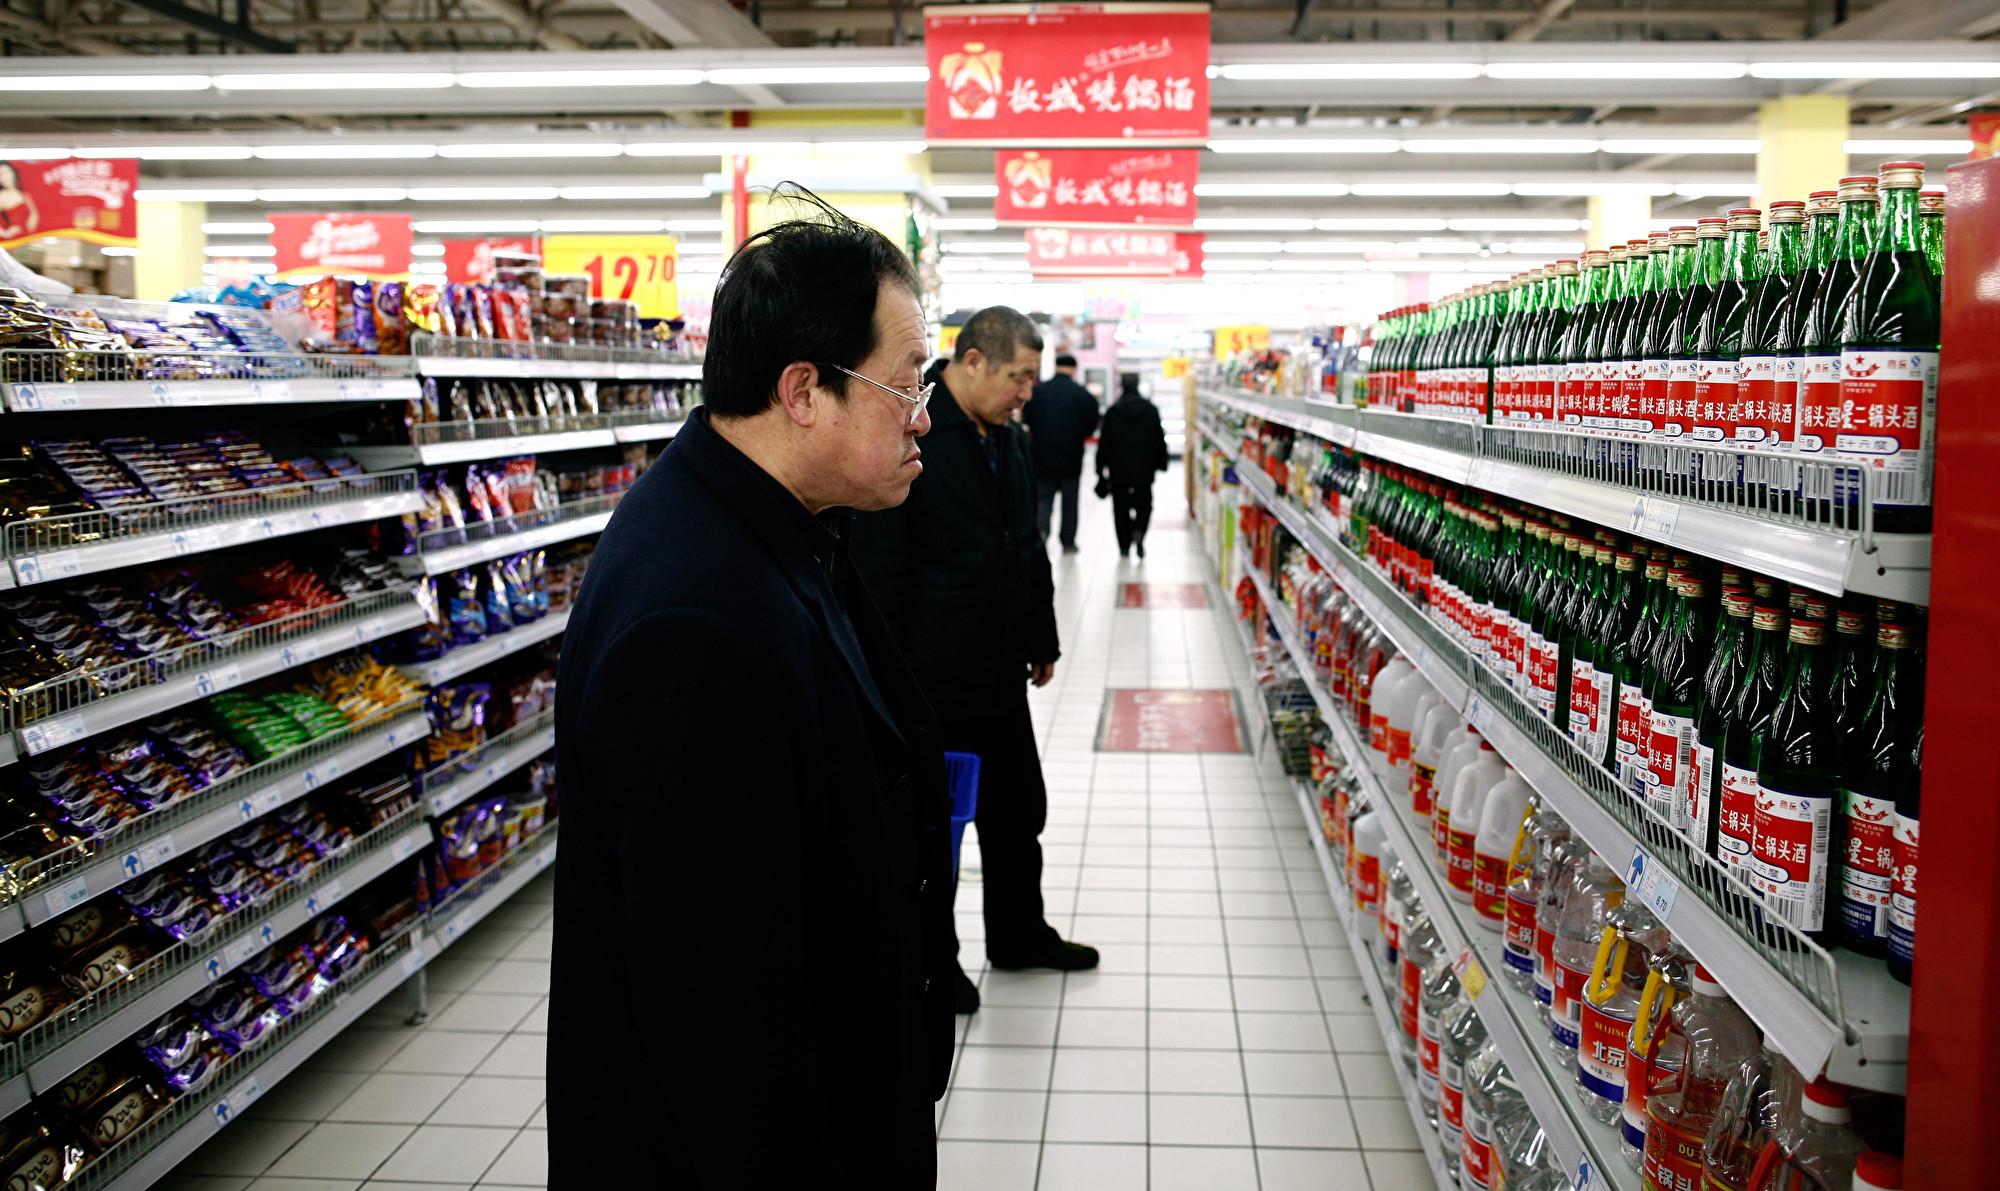 近日,中共央企旗下的酒鬼酒再曝醜聞。圖為2010年3月10日北京一家超市內的顧客在購物。(Getty Images/AFP)